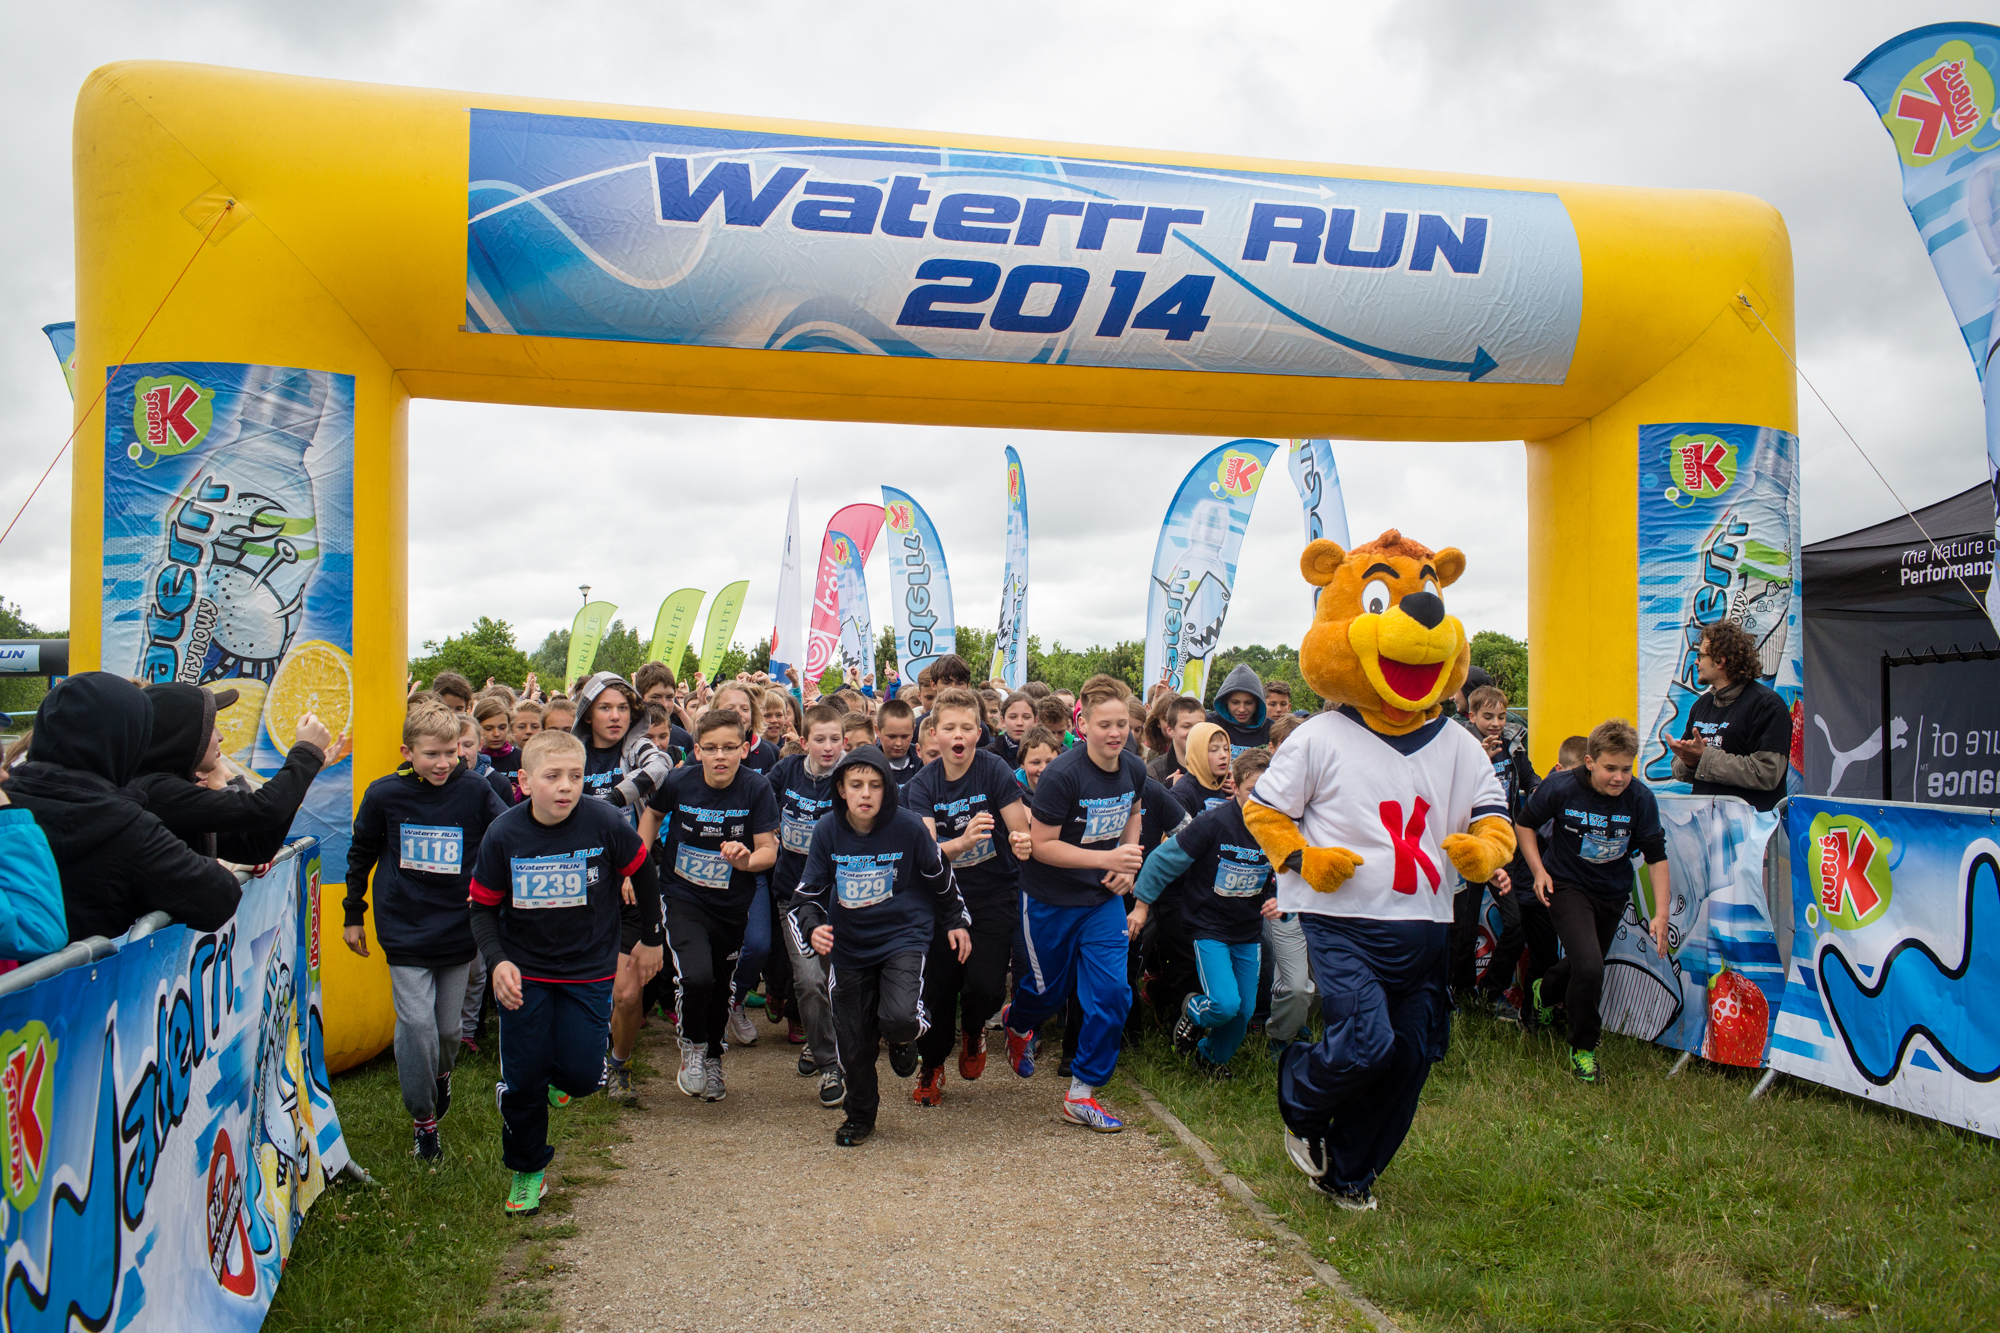 Waterrr Run – wielki bieg uliczny dla dzieci w Krakowie